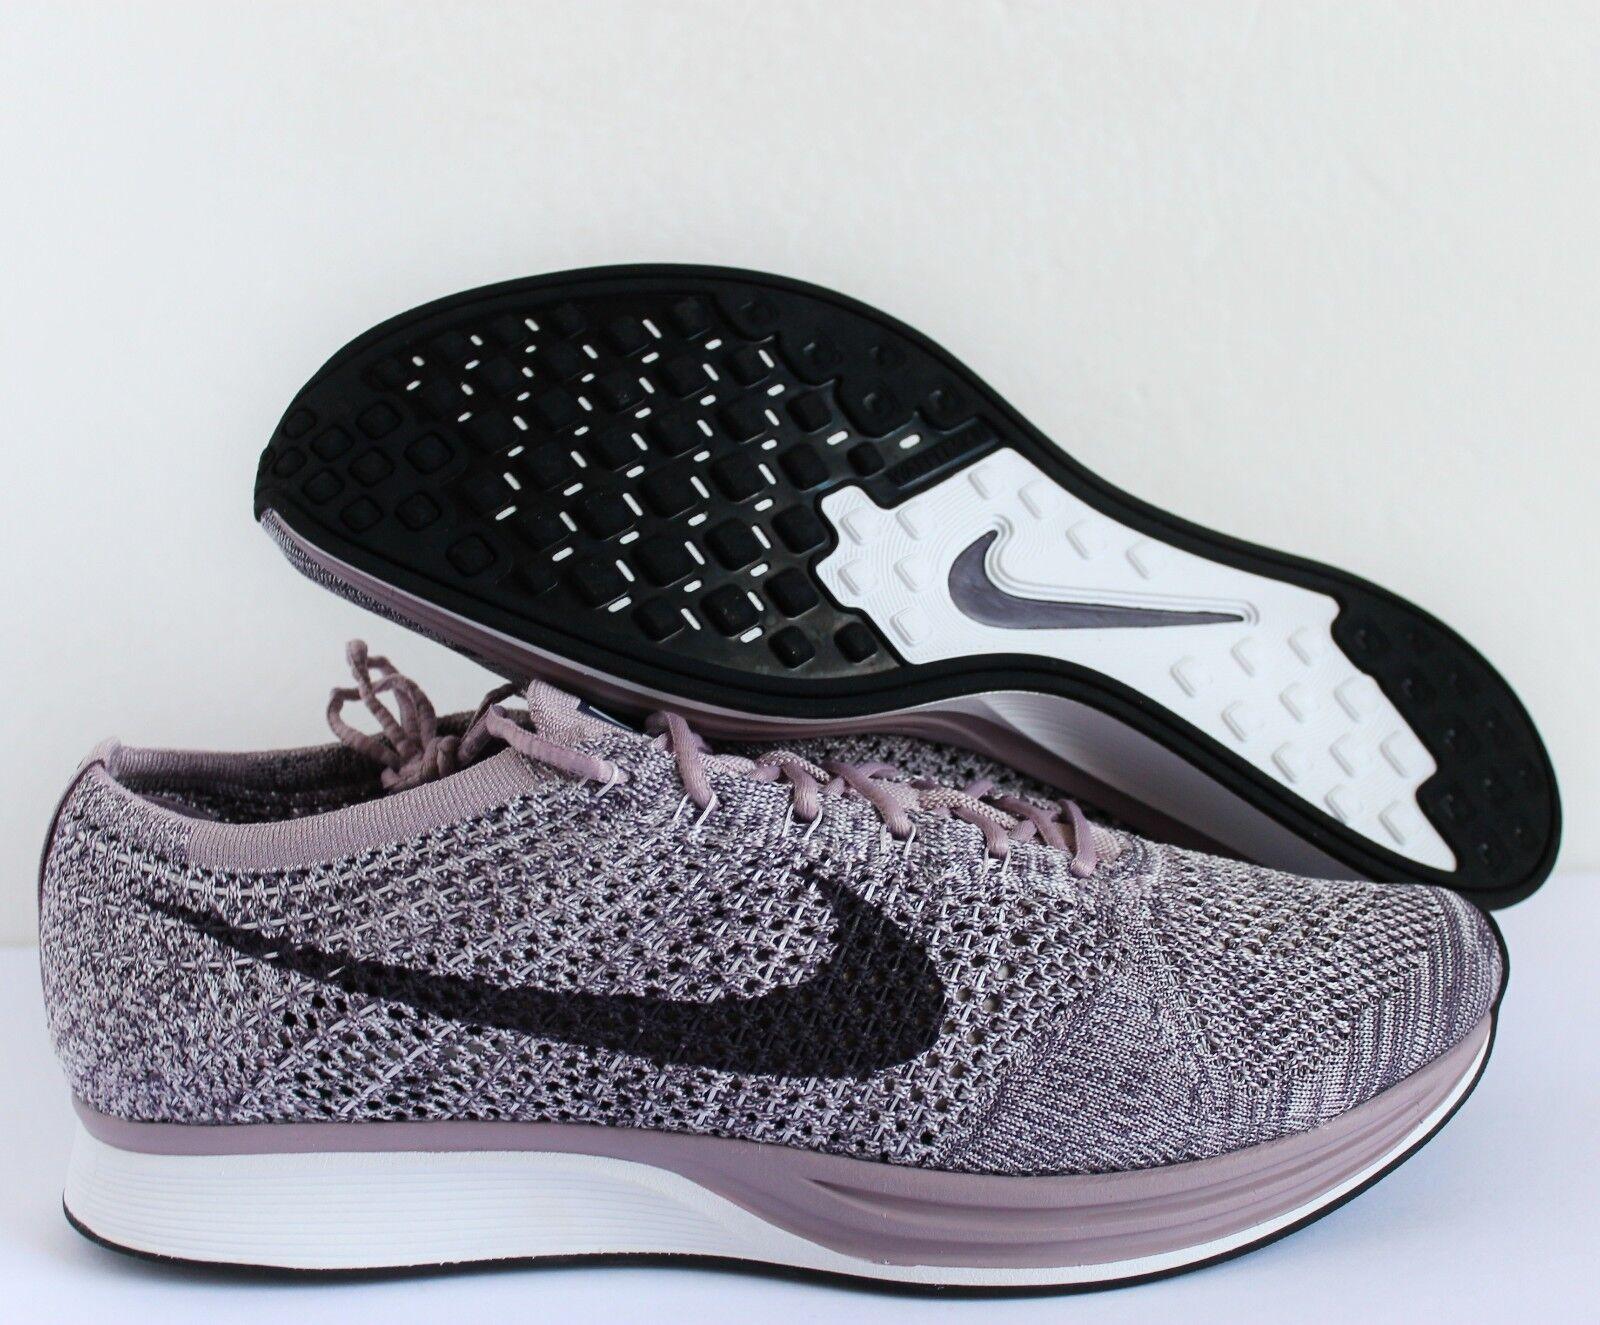 Nike flyknit racer luce violetta Uomo sz 11 / / - donne sz 12,5 - / 526628-500] f8aa8f